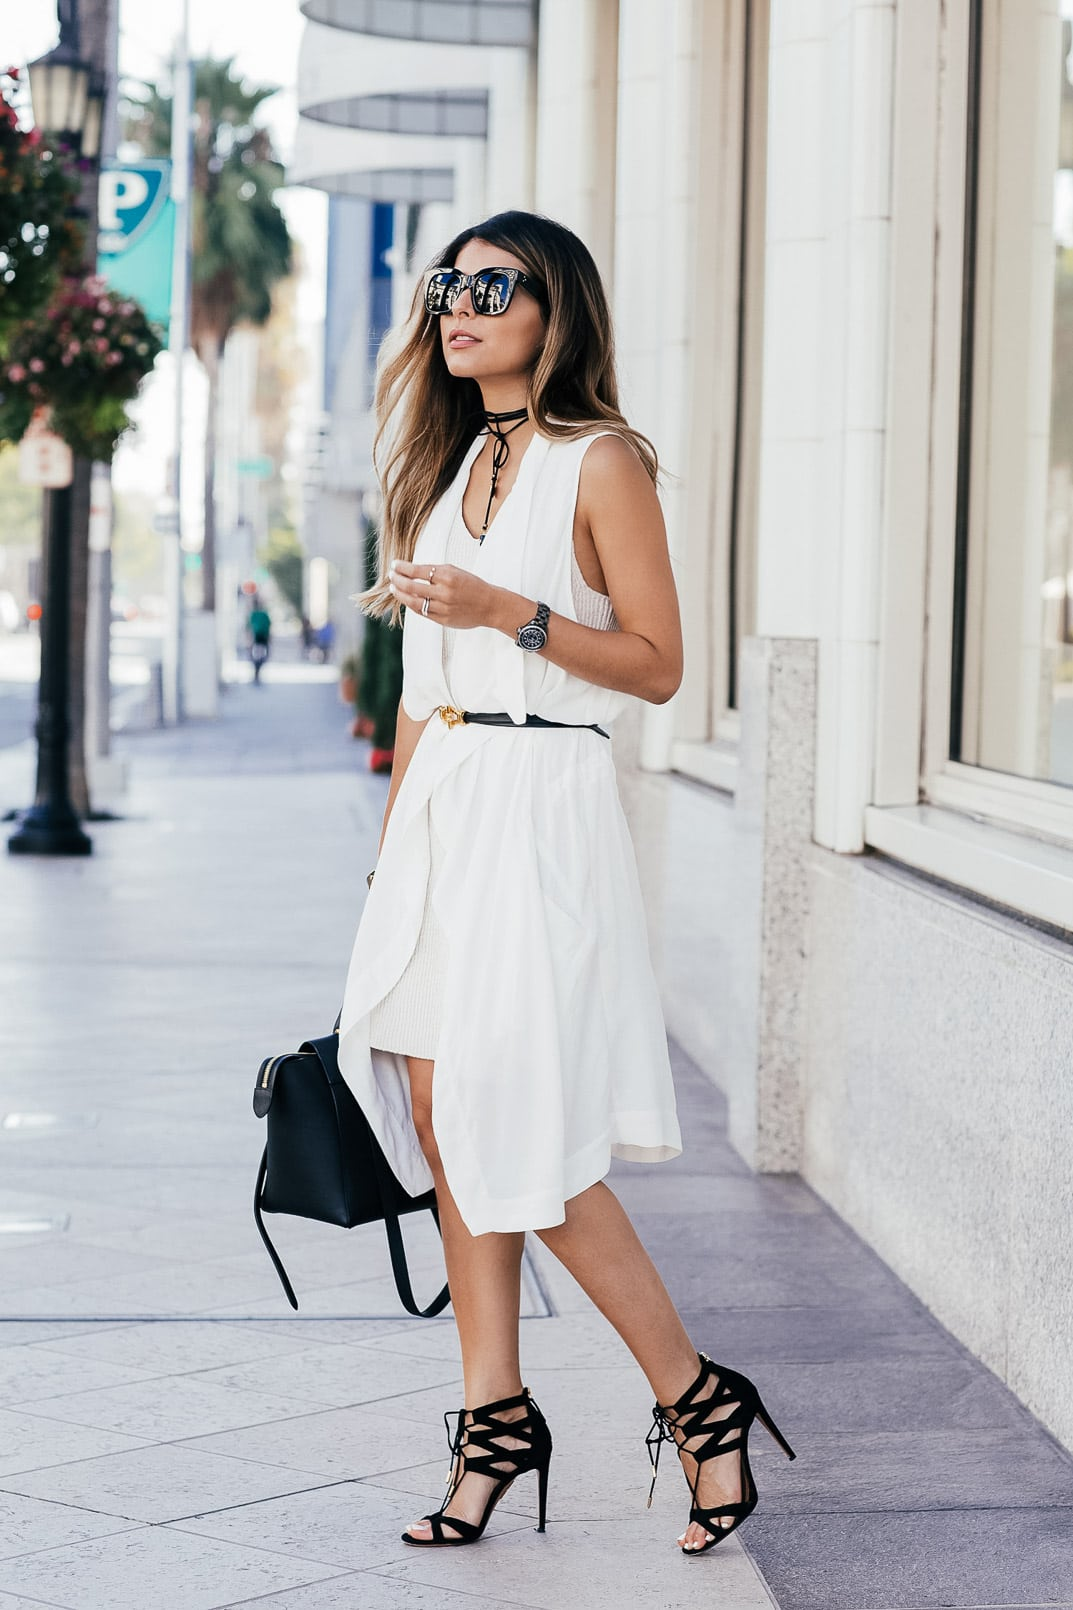 White on White Look- White Sweater Dress, White Vest, Aquazzura Beverly Hills Sandals, Celine Belt Bag   The Girl From Panama @pamhetlinger